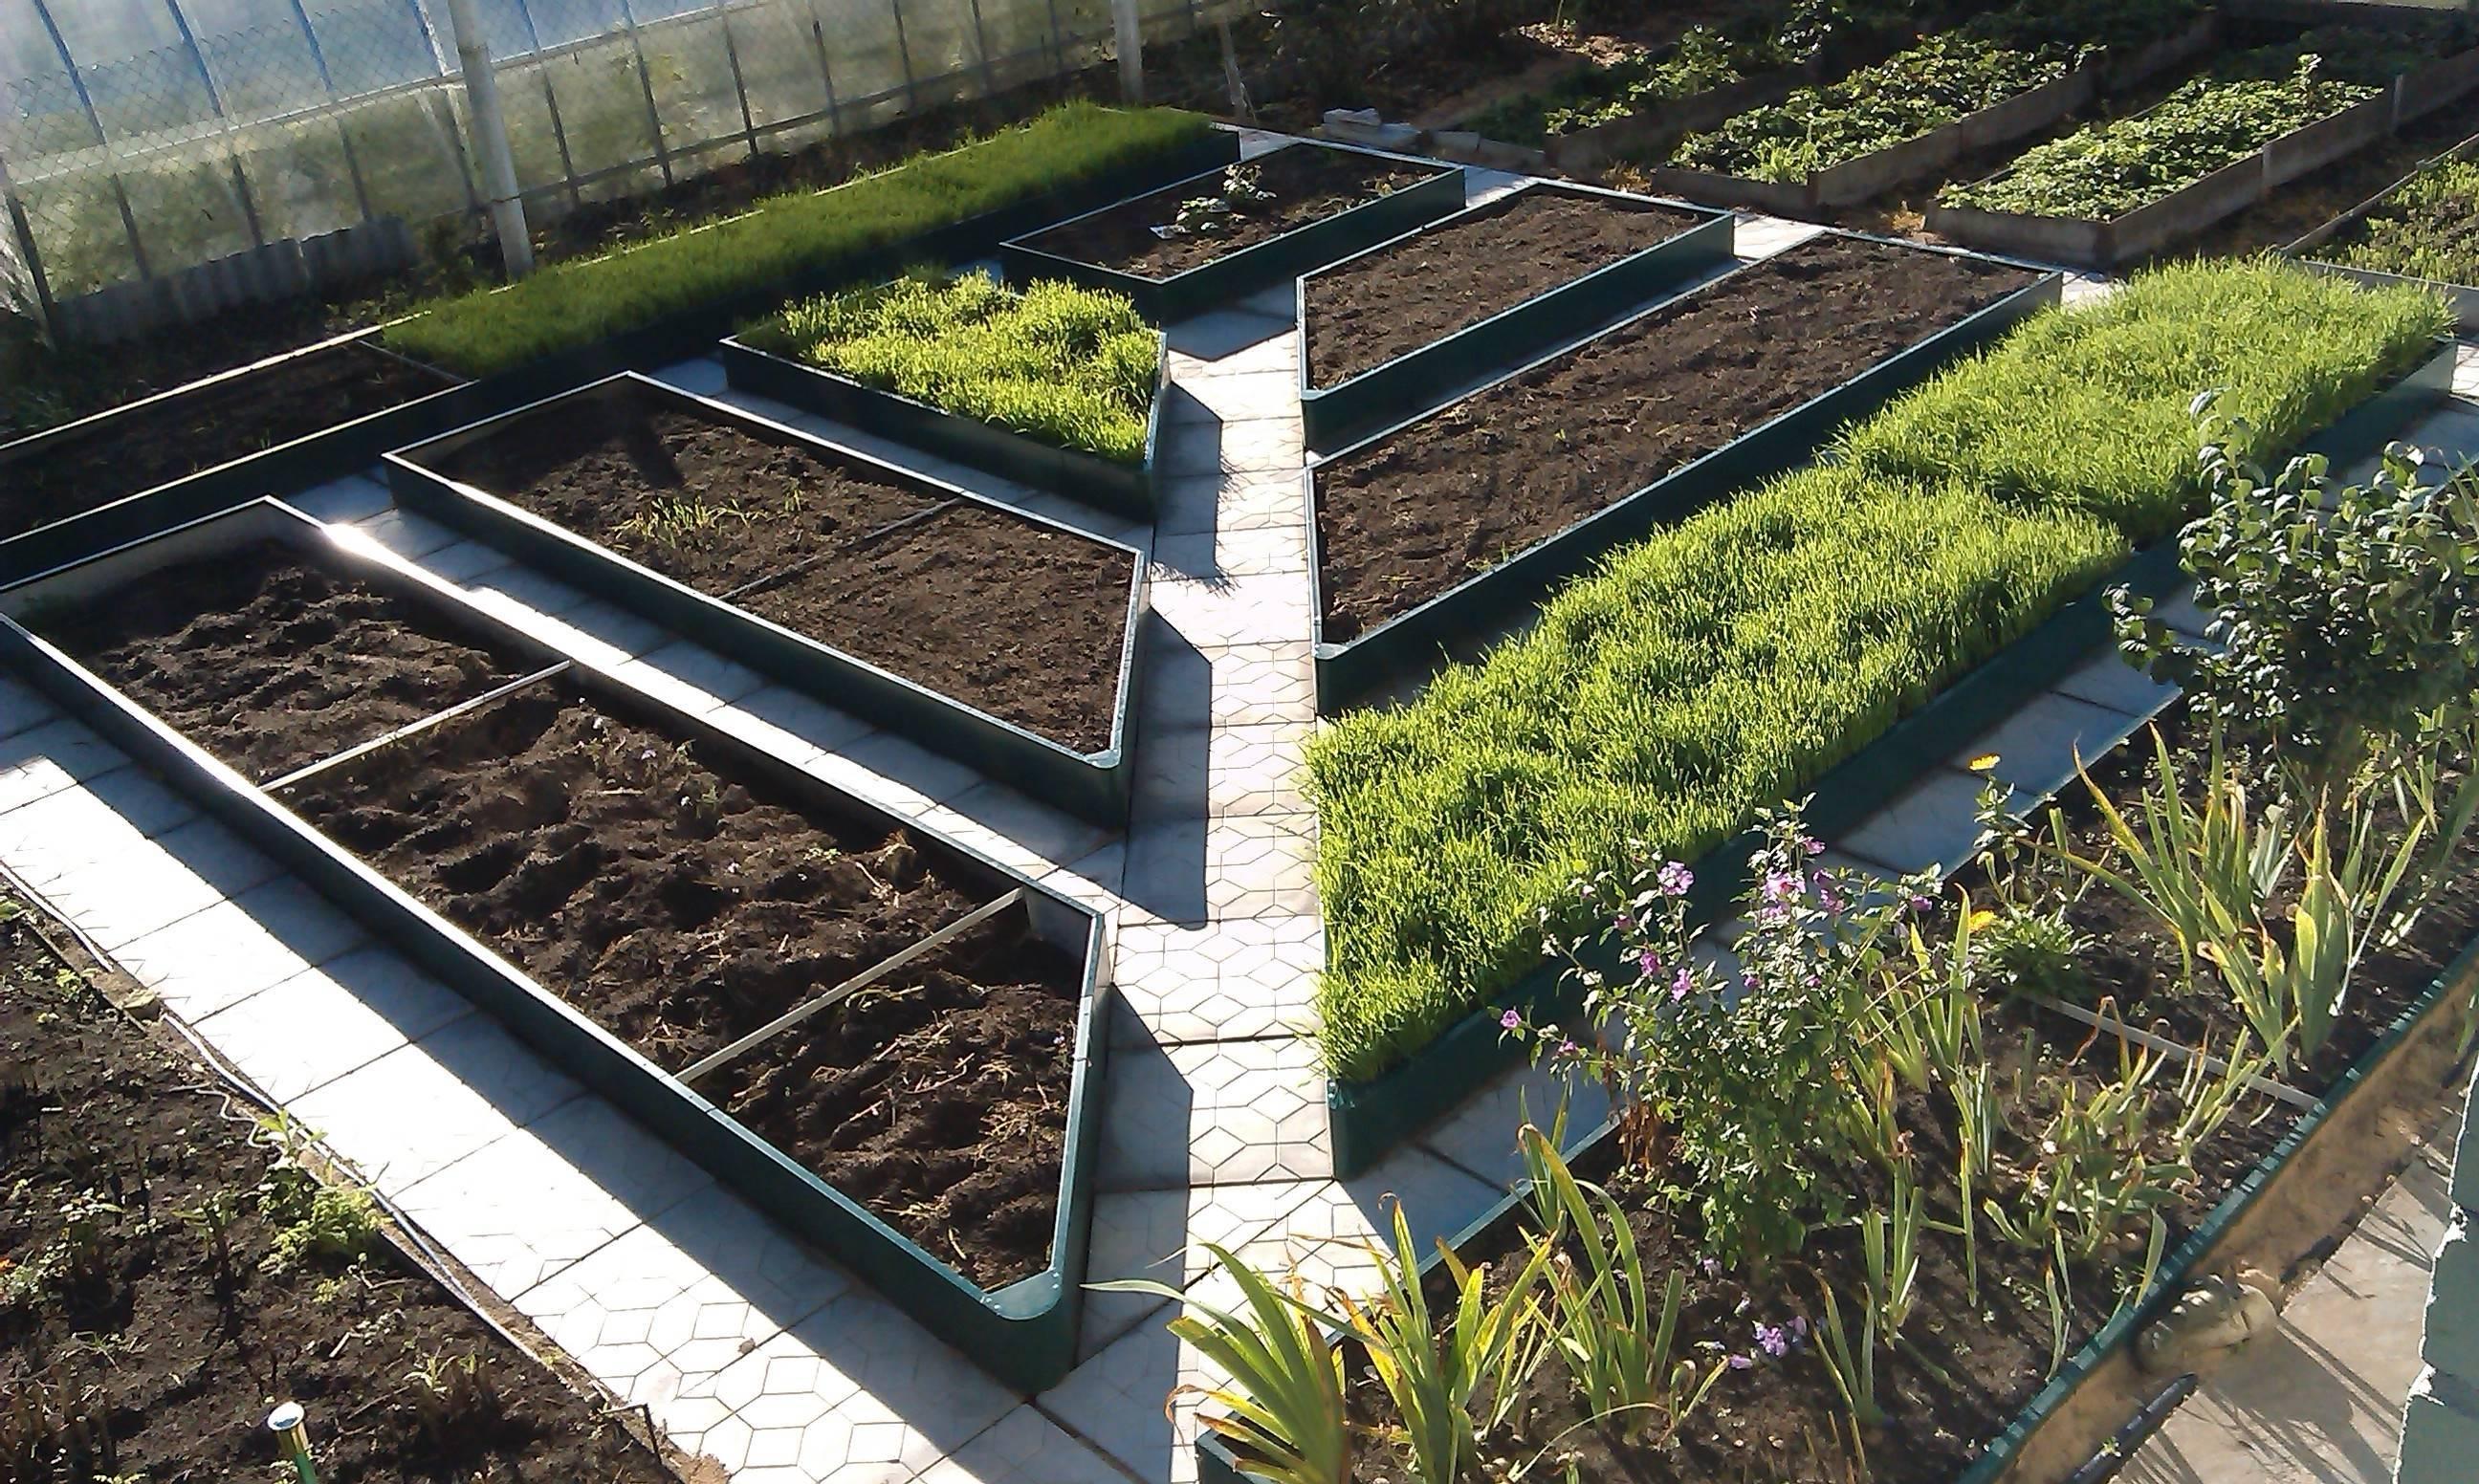 Отличный урожай с минимальными затратами — высокие грядки